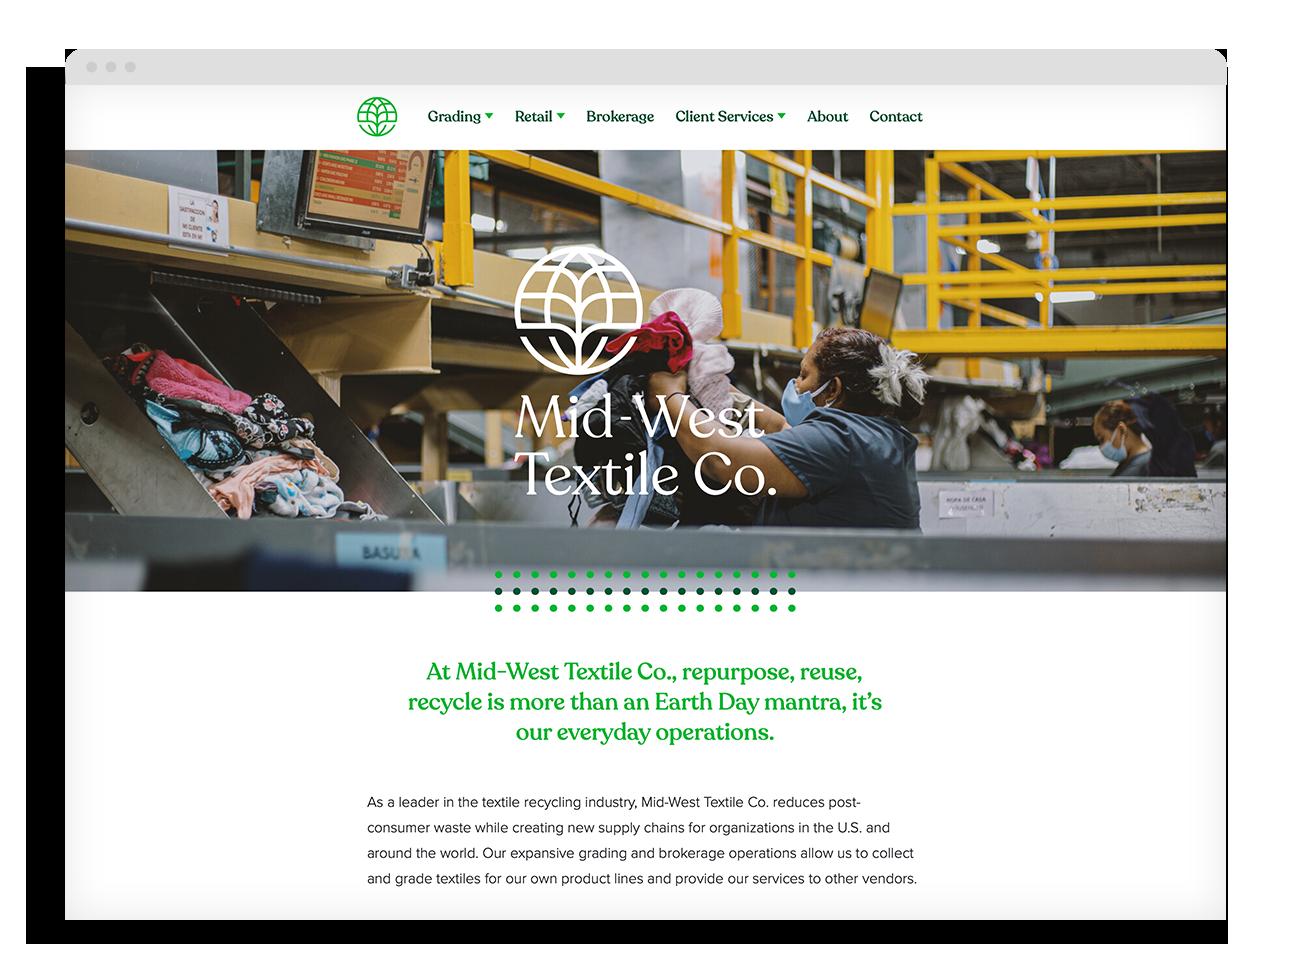 Mid-West Textile Co. Website